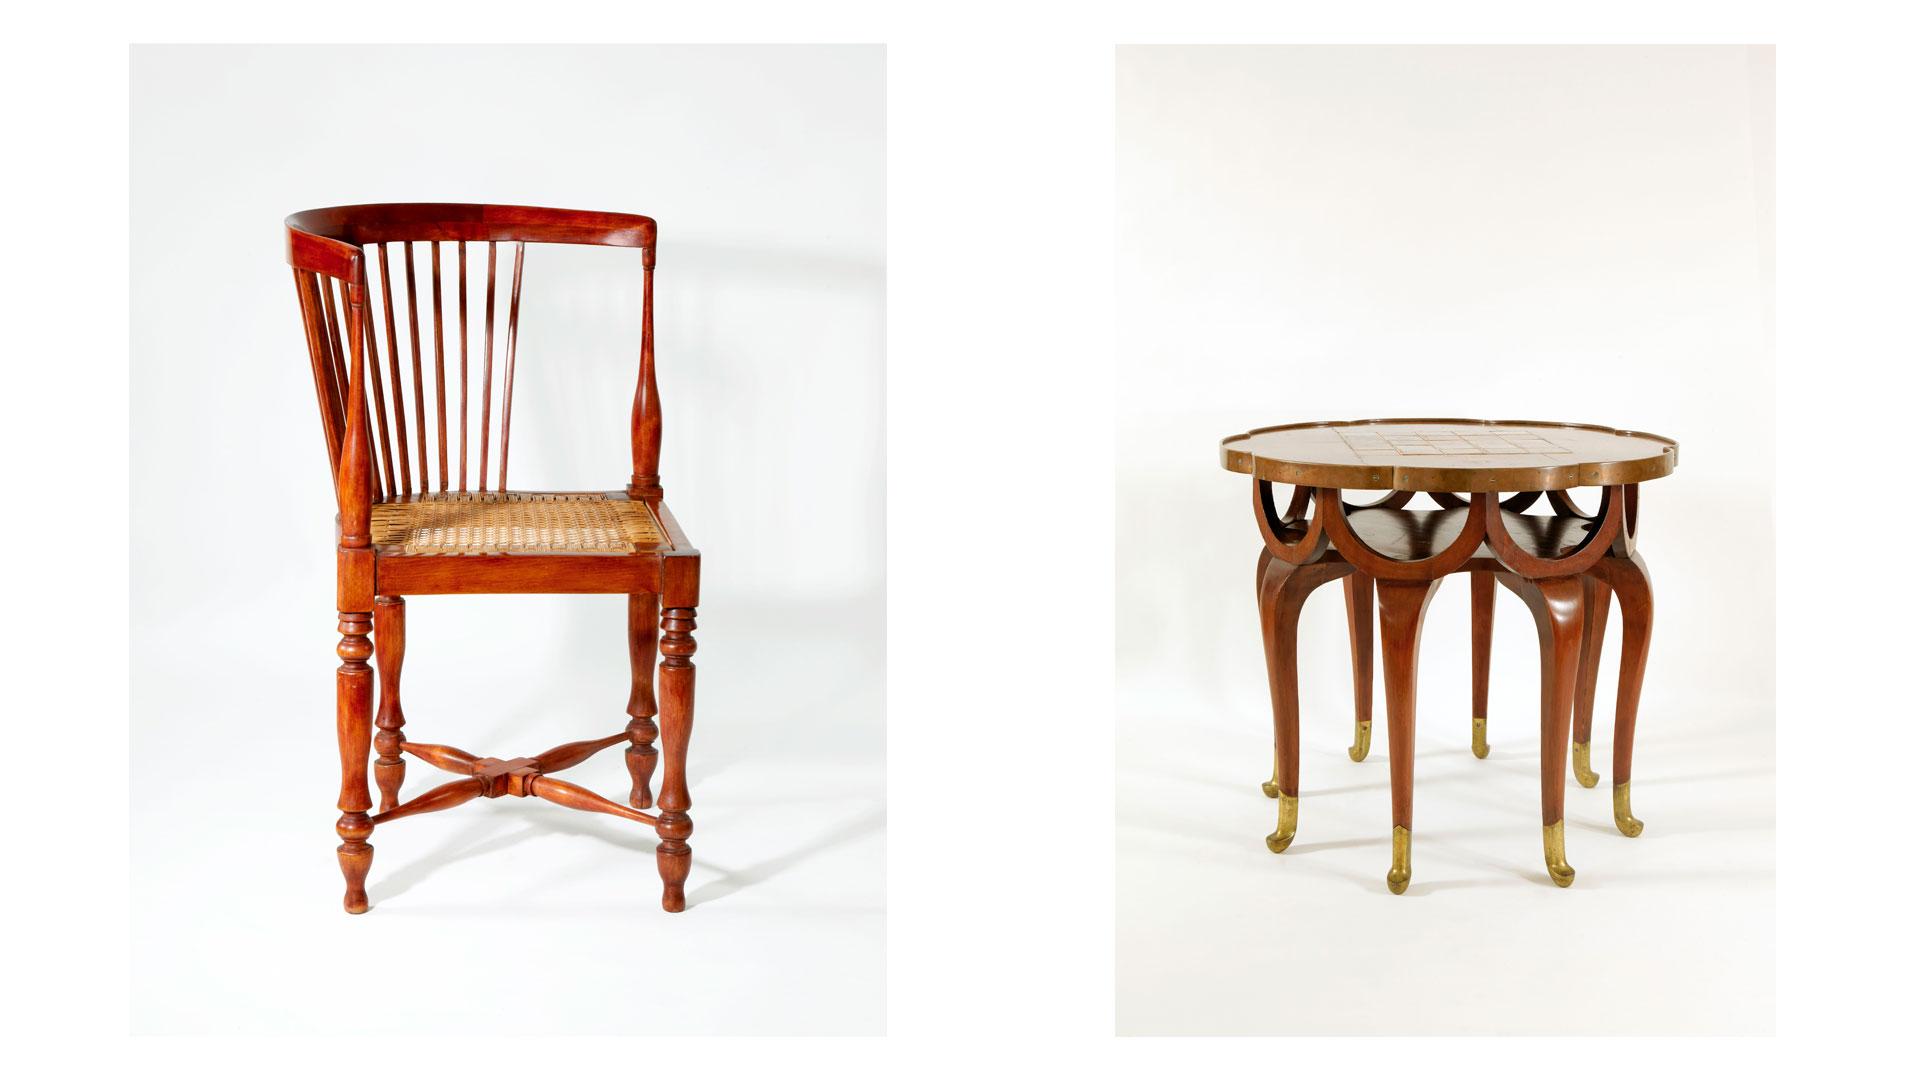 Mobiliario diseñado por Adolf Loos